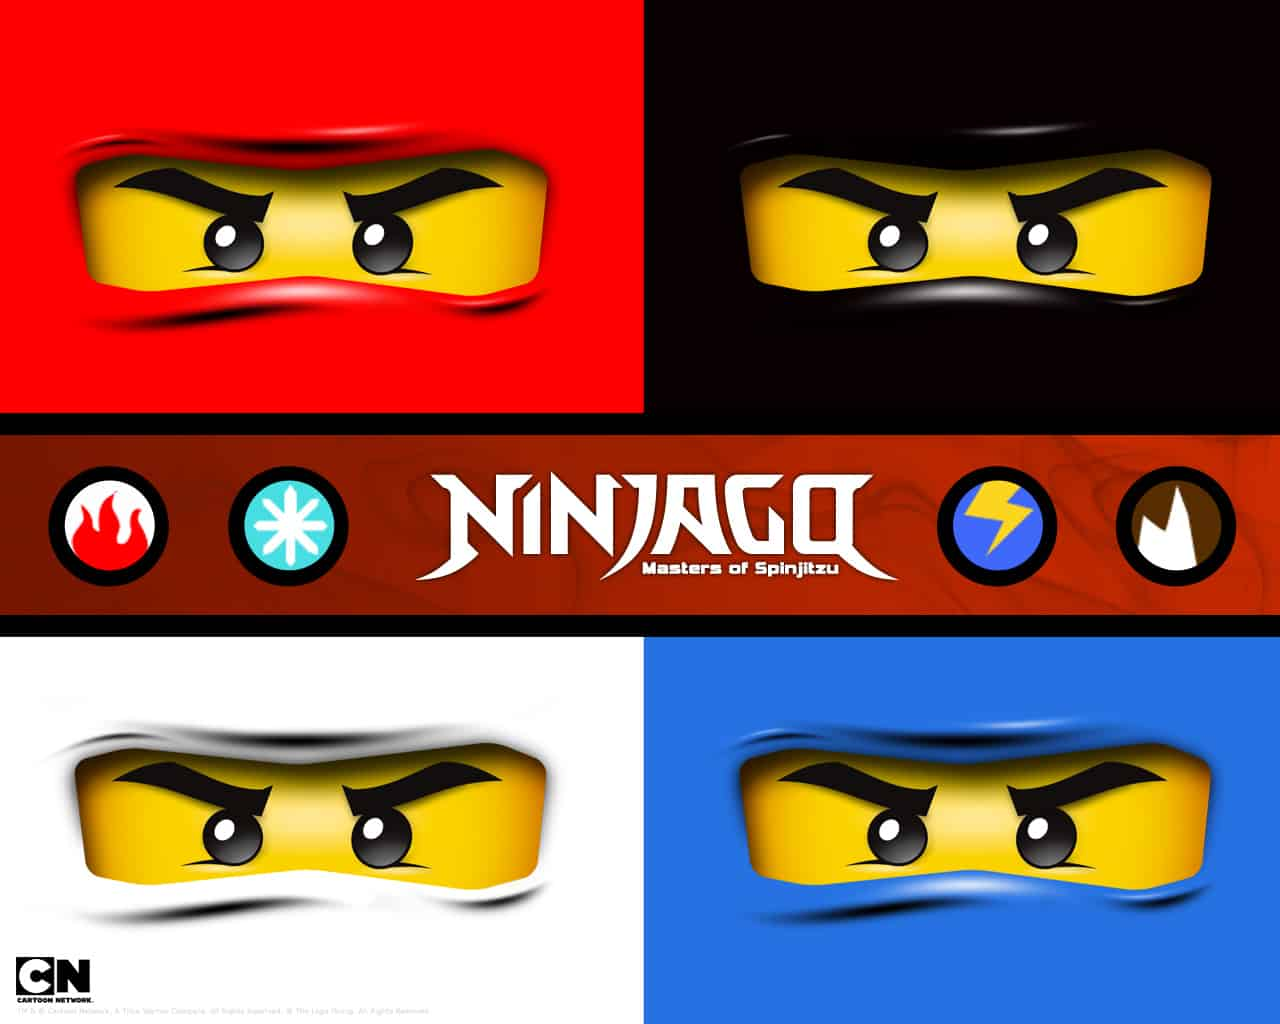 Ninjago de Lego, llegará a la pantalla grande en el nuevo proyecto de Lego y Warner Bros.